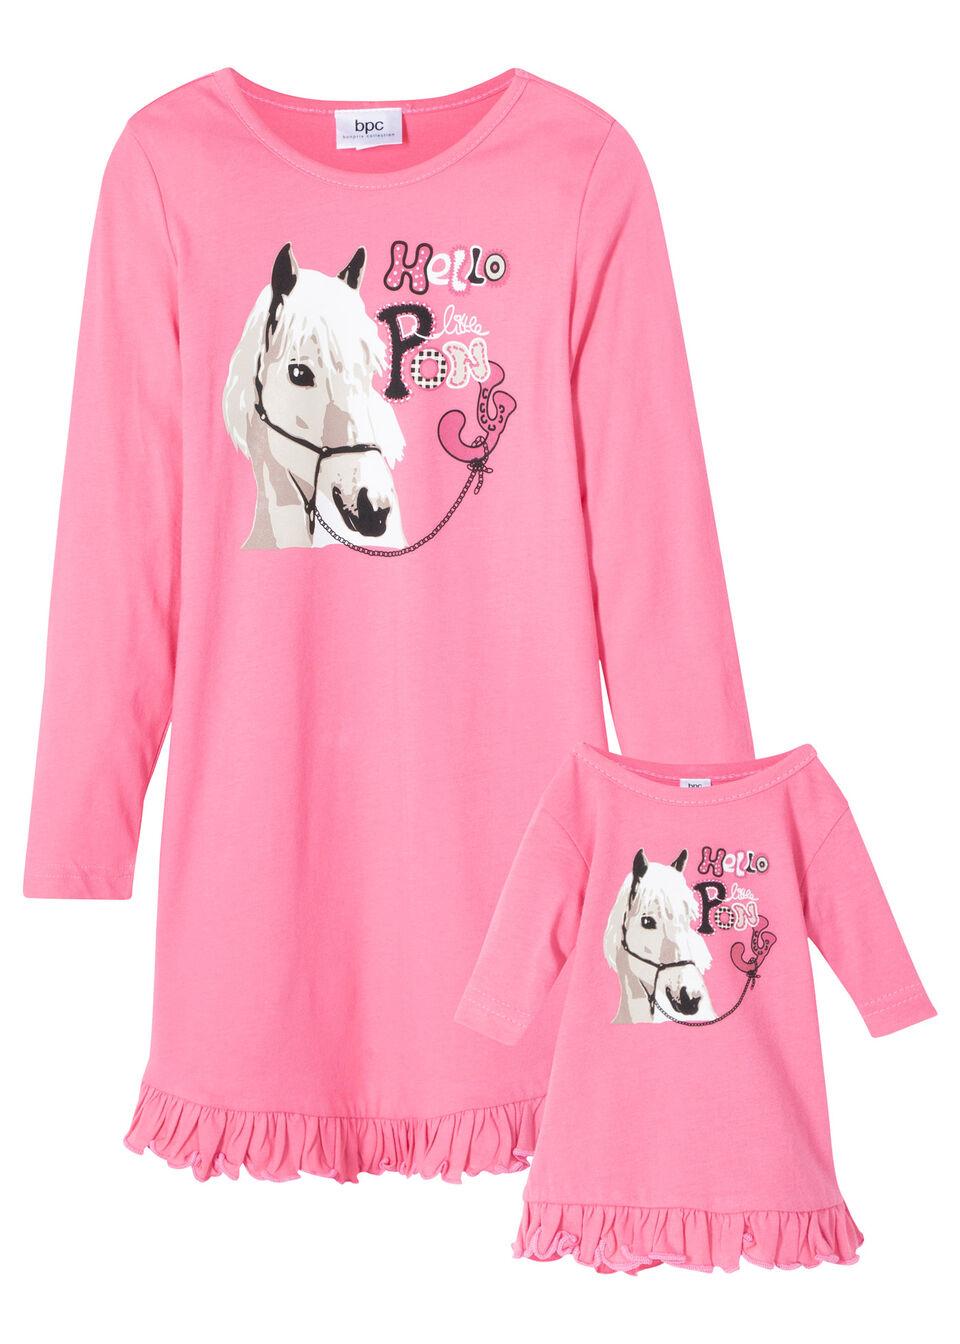 Nočná košeľa+nočná košeľa pre bábiky (2-dielna sada) bonprix